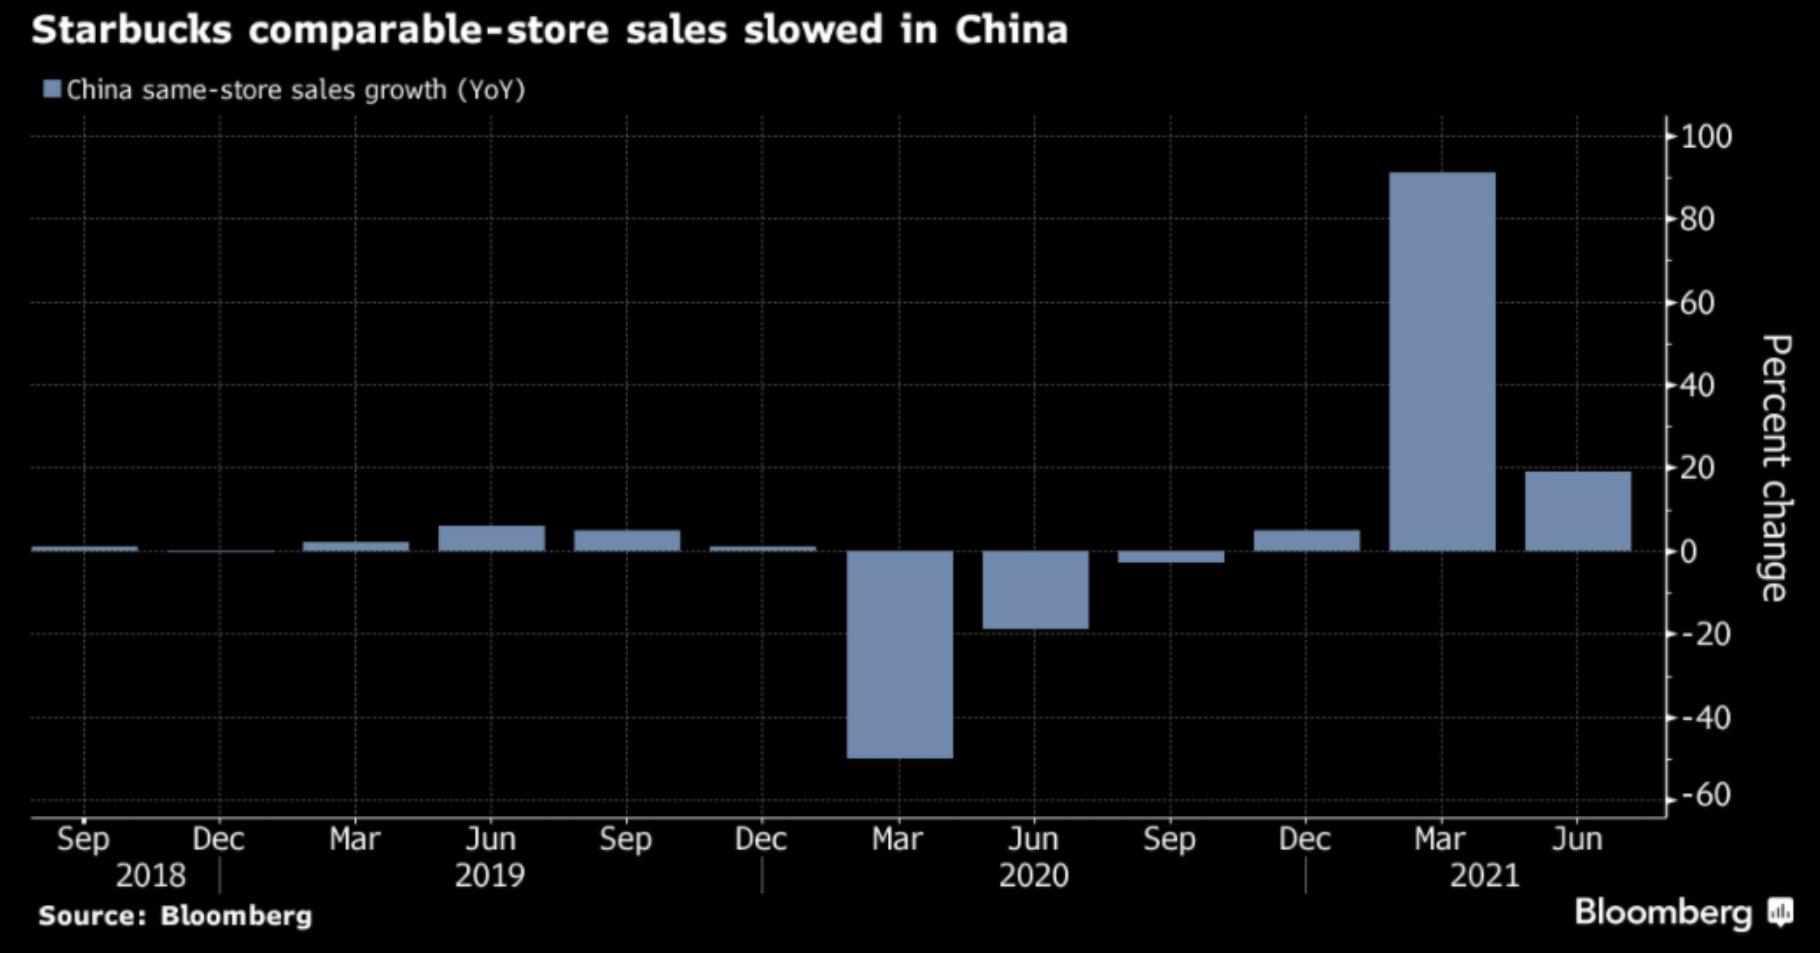 Meziroční vývoj porovnatelných tržeb Starbucks v Číně